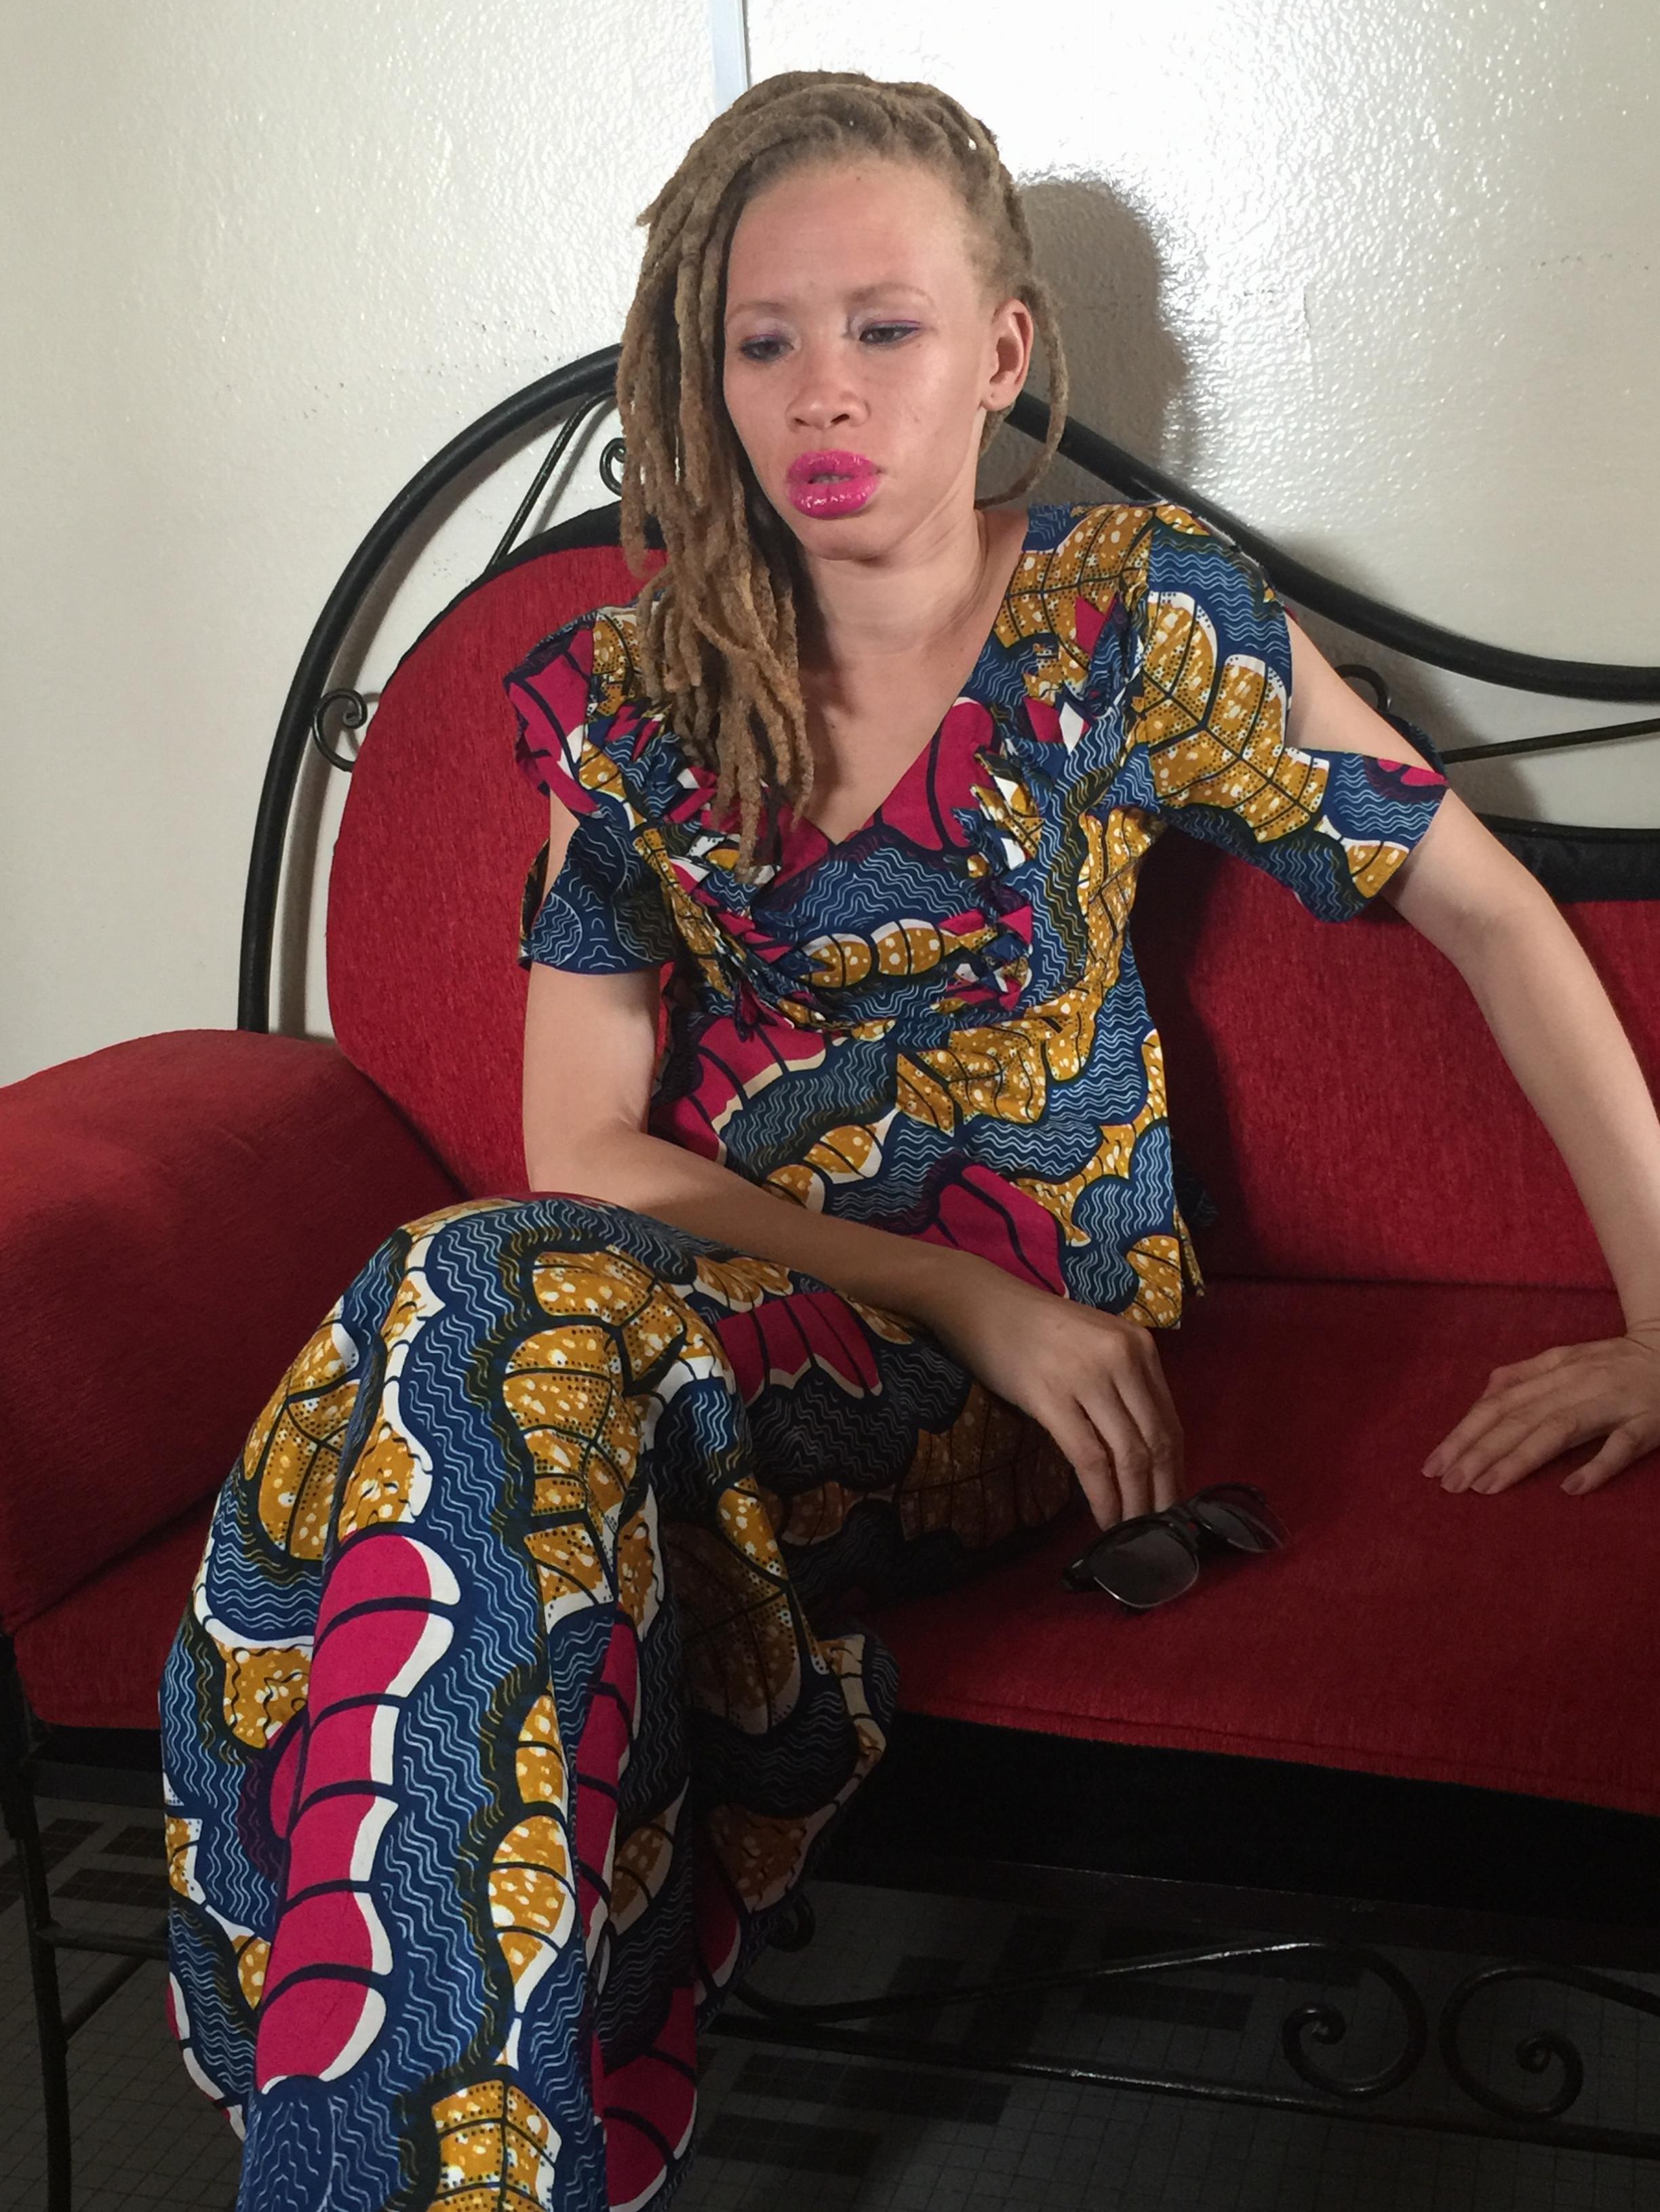 Carte de vœux de l'Albinos: une action de grande portée humanitaire